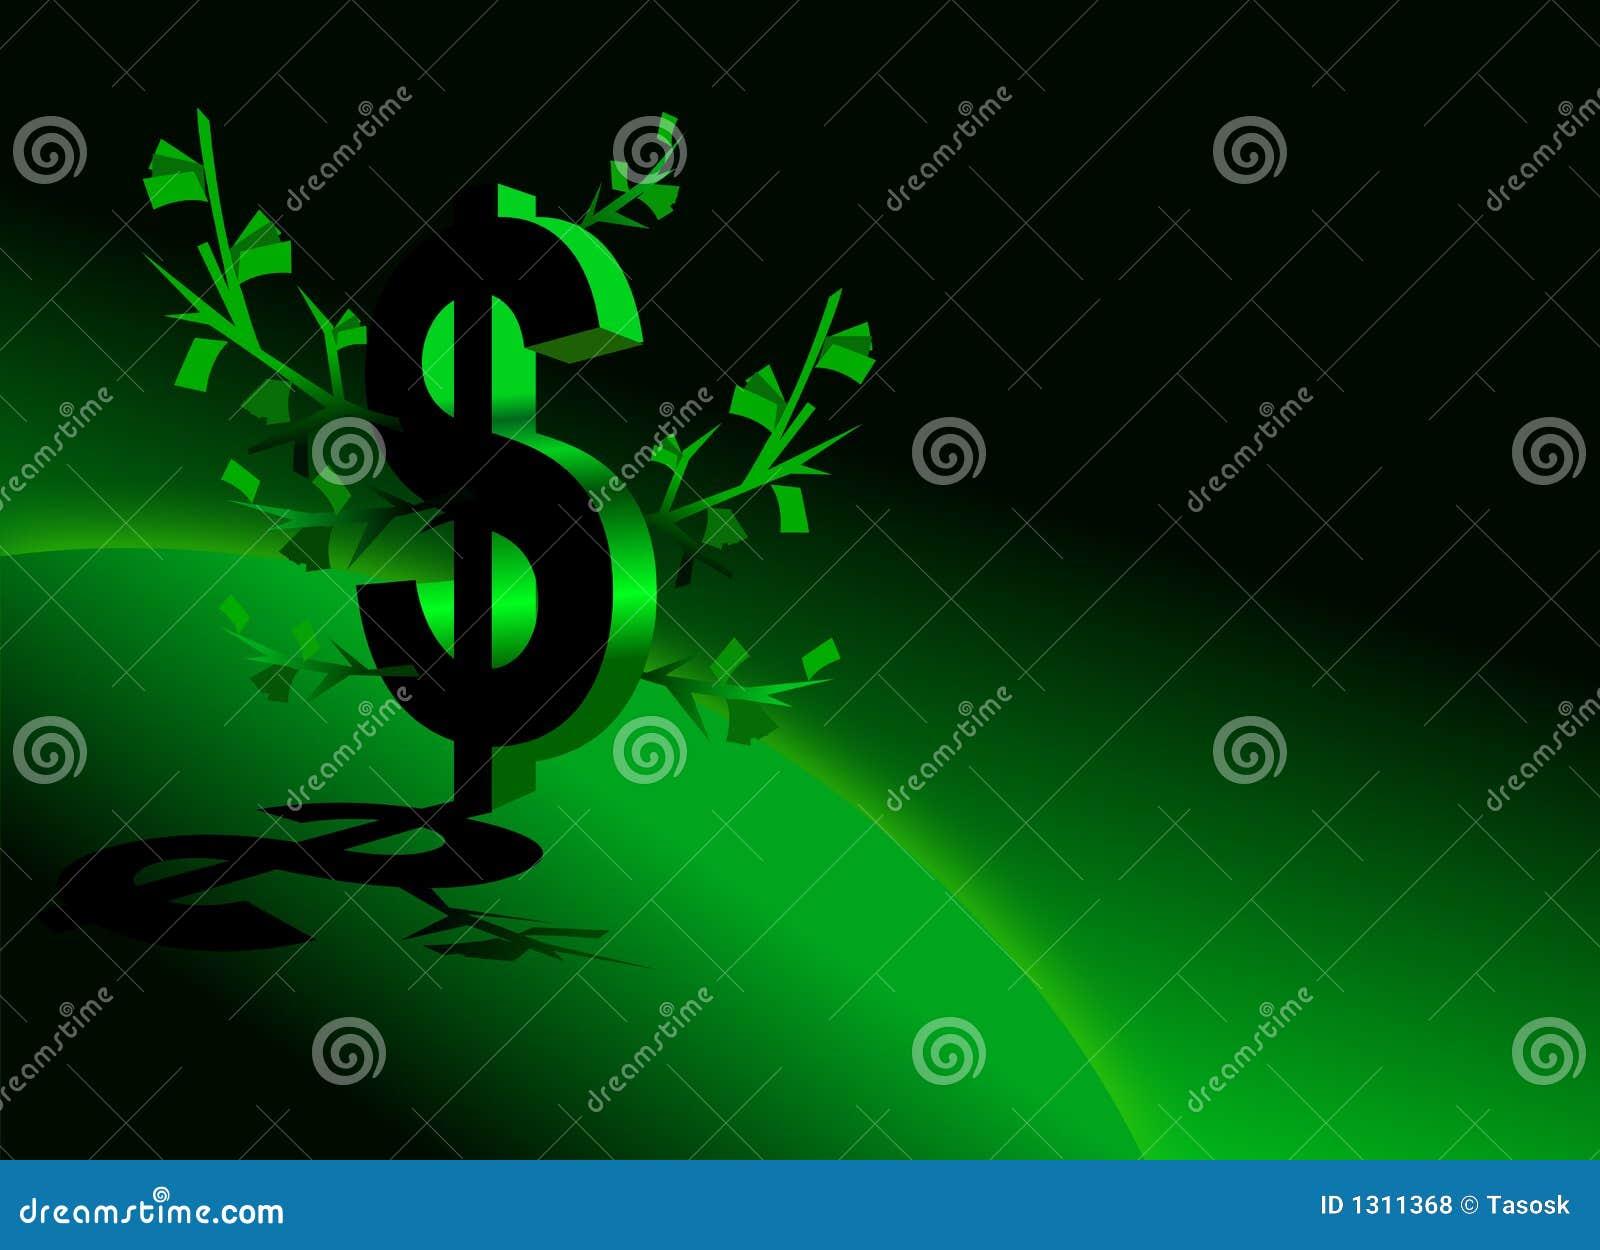 Haga el dinero